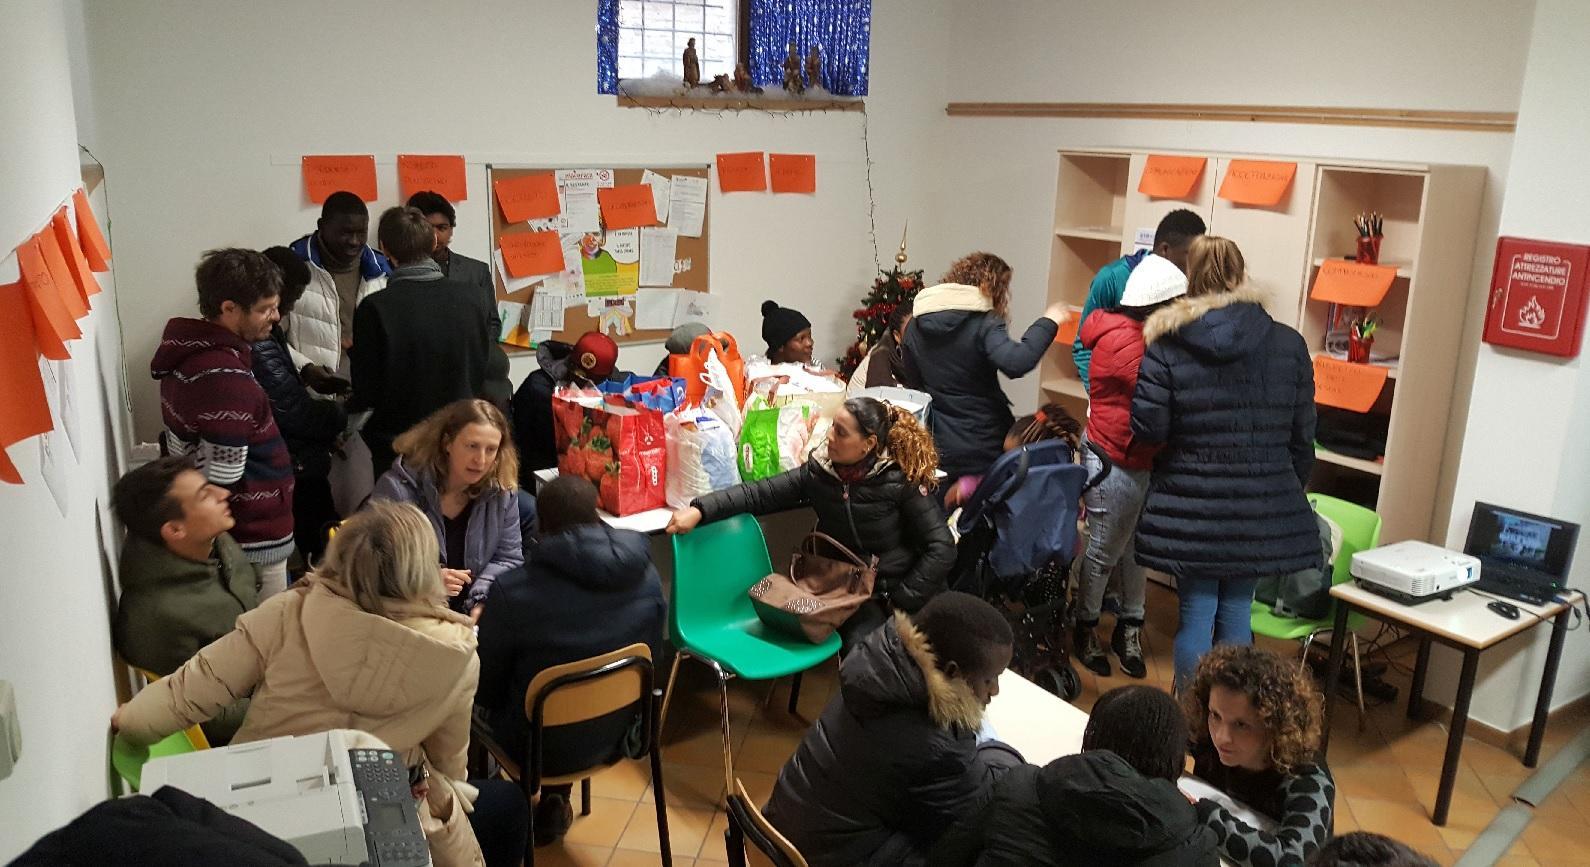 Famiglie a Colori, Macerata e l'affido di minori stranieri non accompagnati